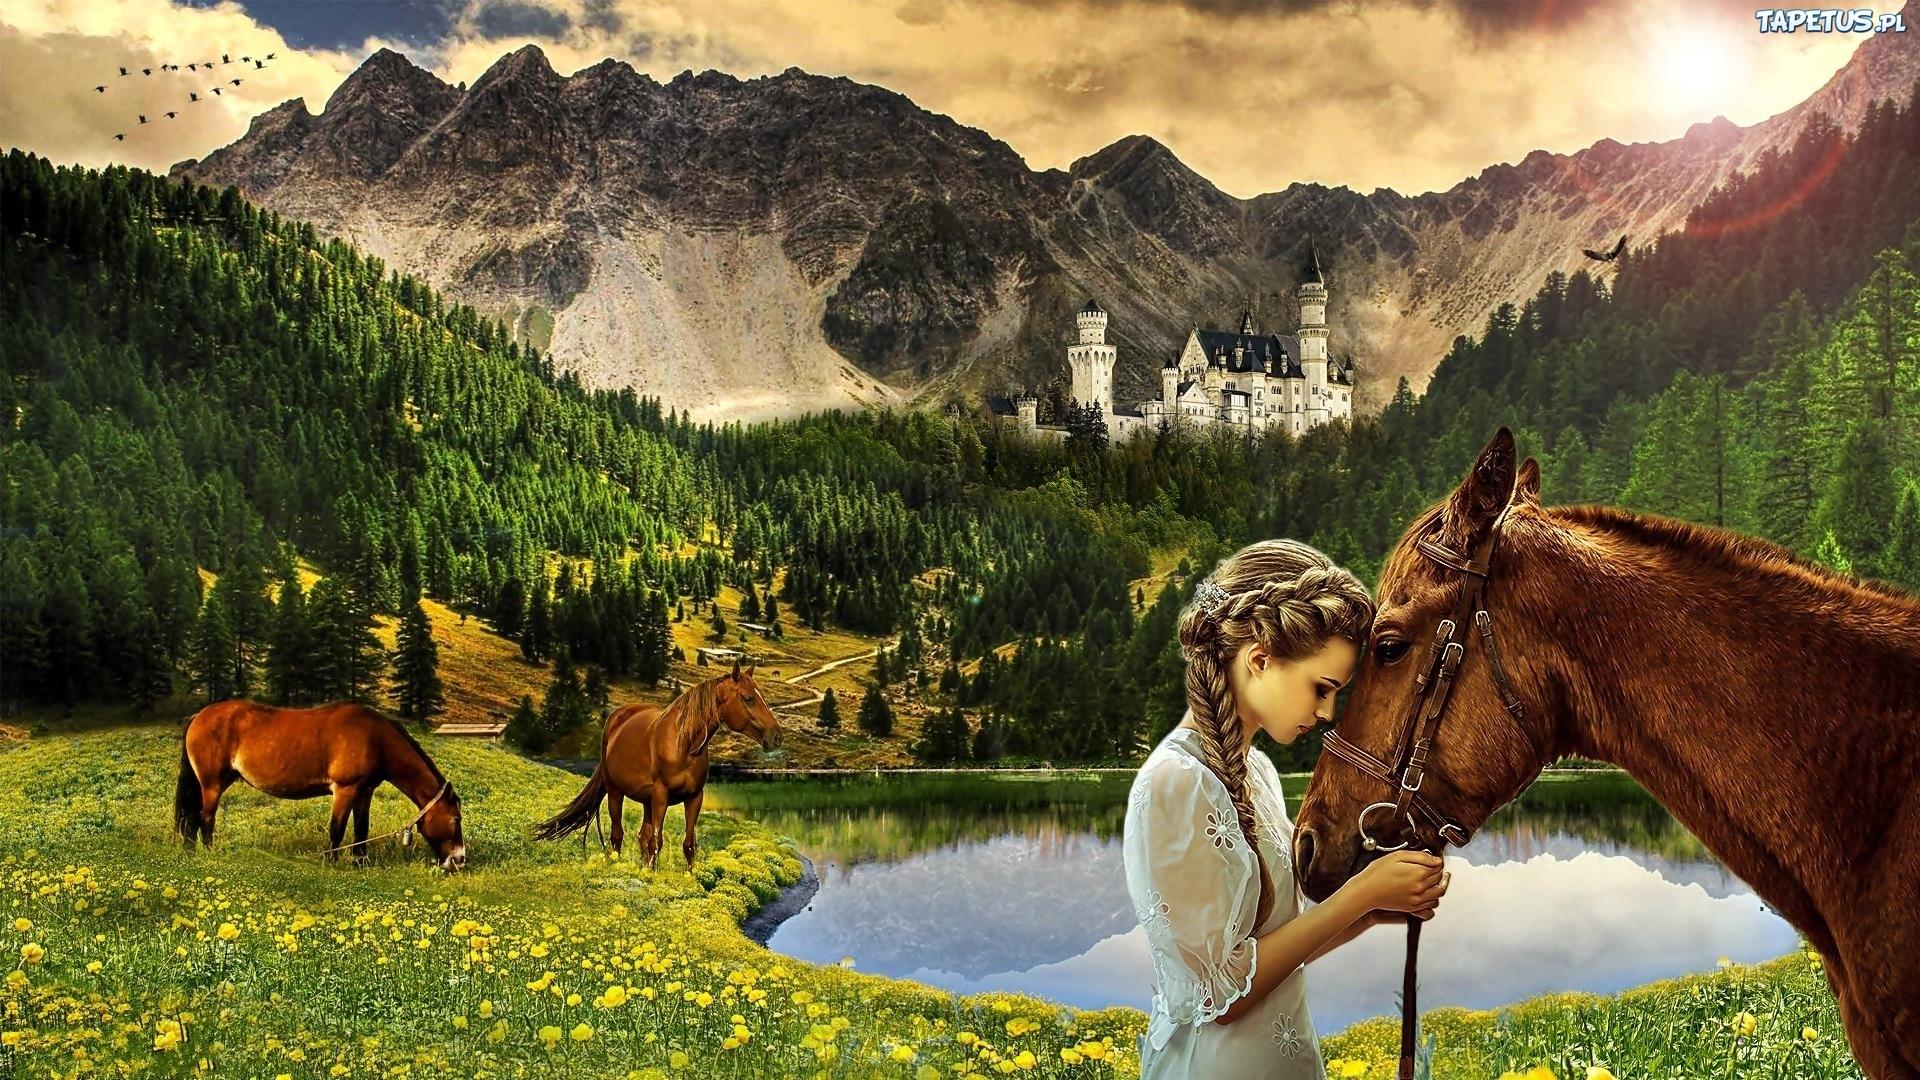 лошадь конь лес поляна  № 99052 бесплатно